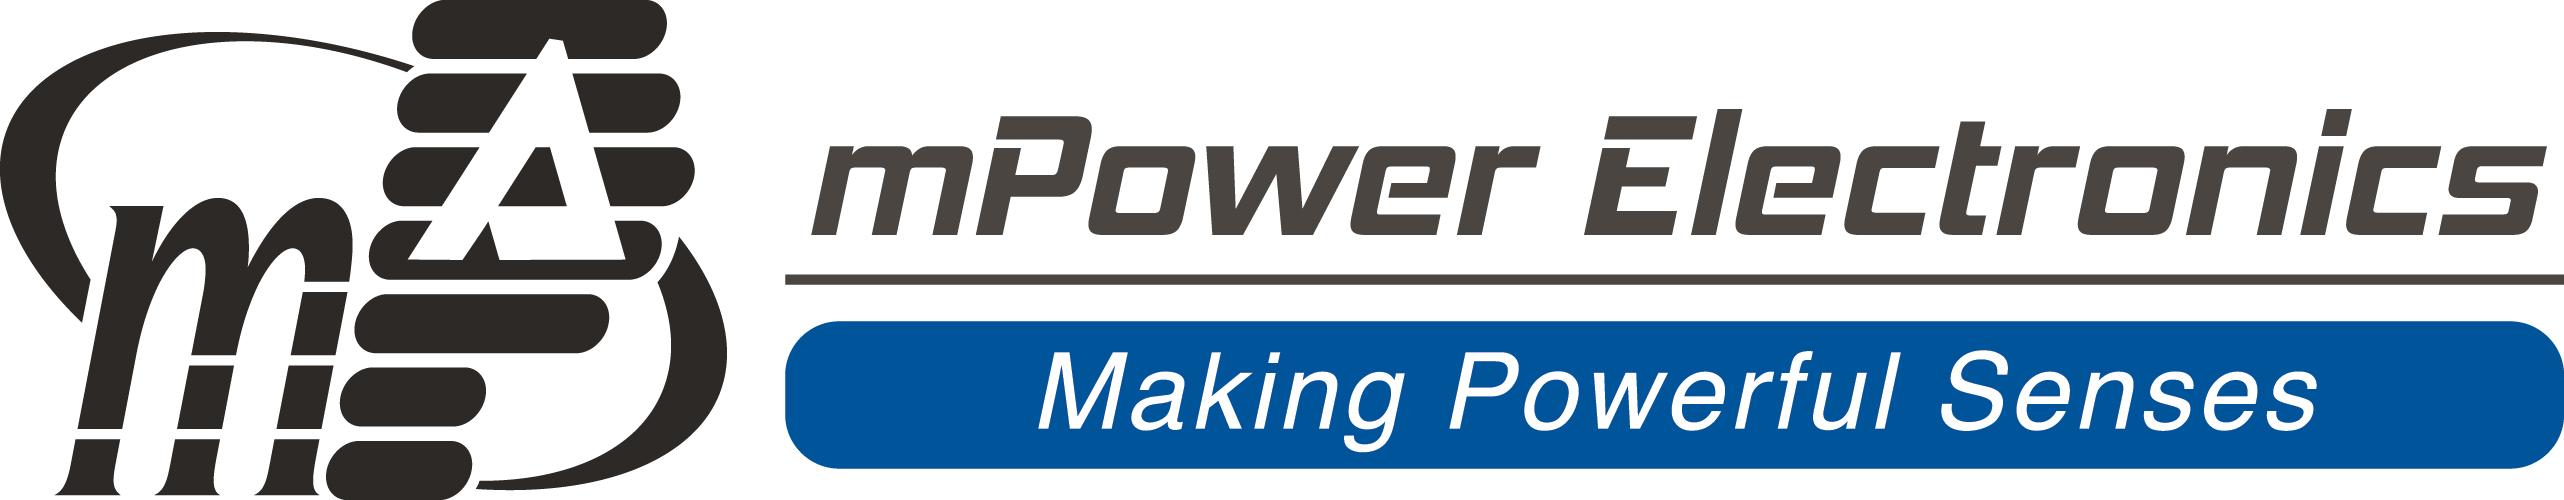 mpower-logo-jpg.jpg